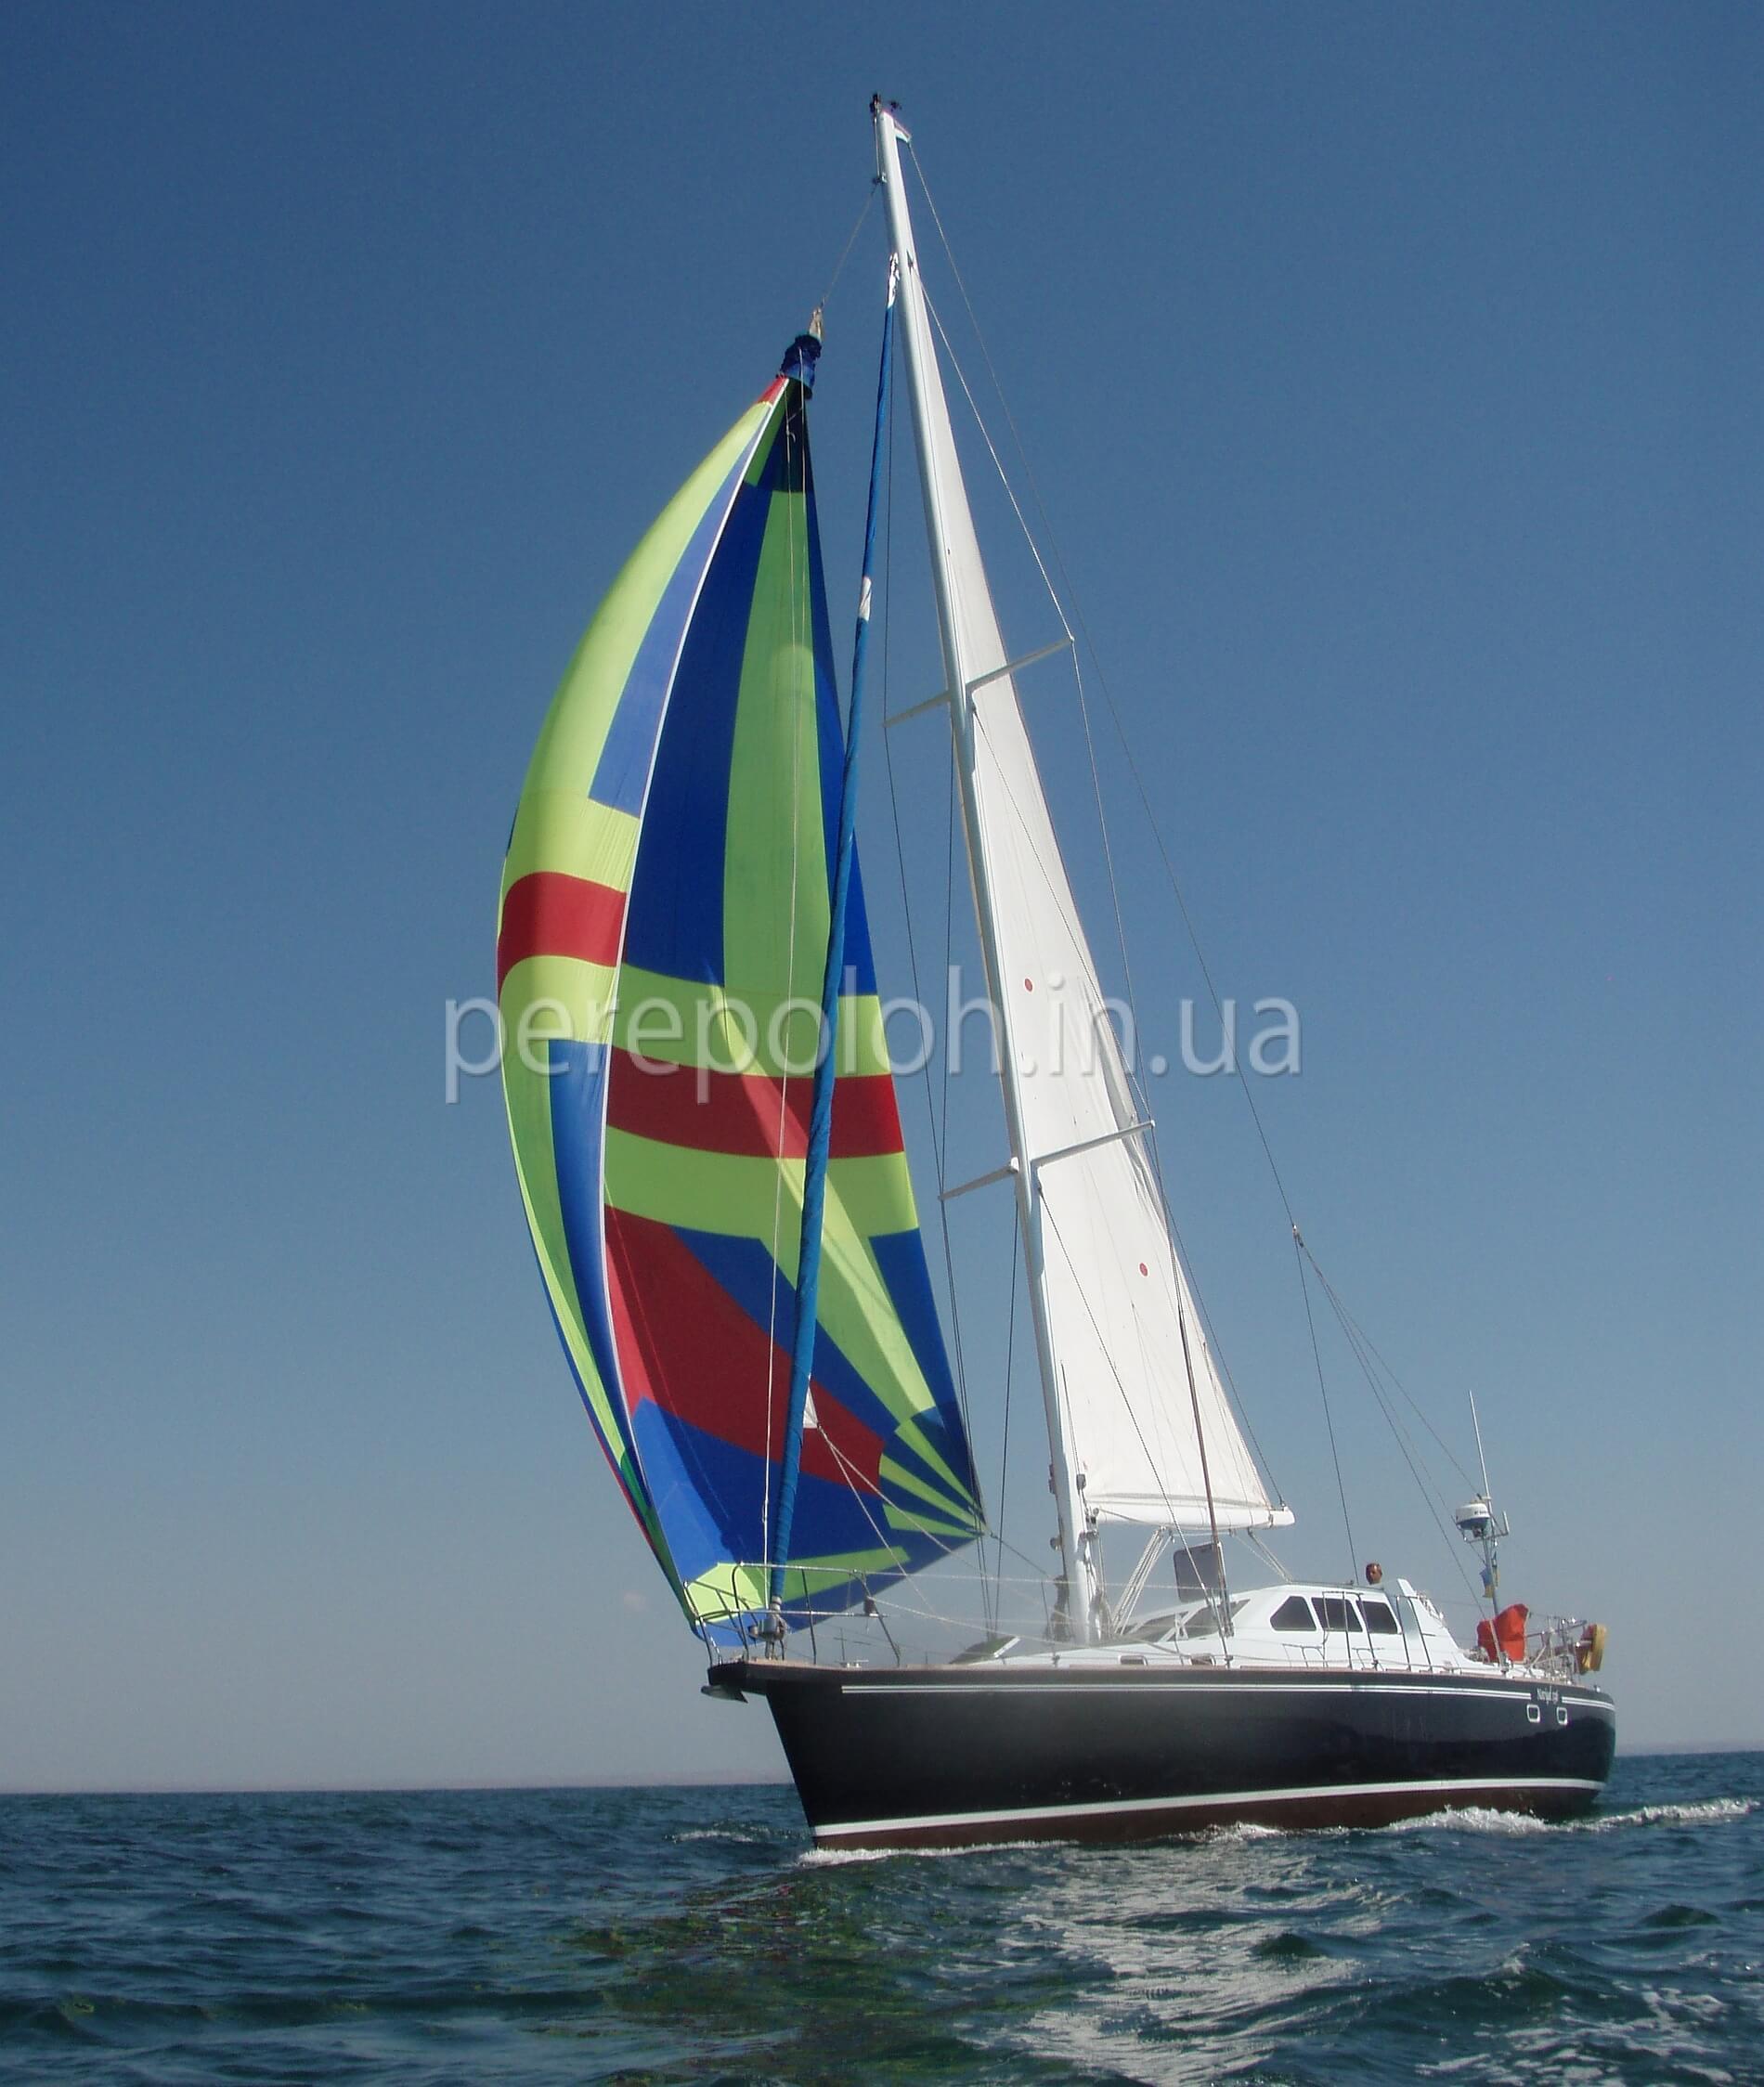 Аренда яхты, Одесса